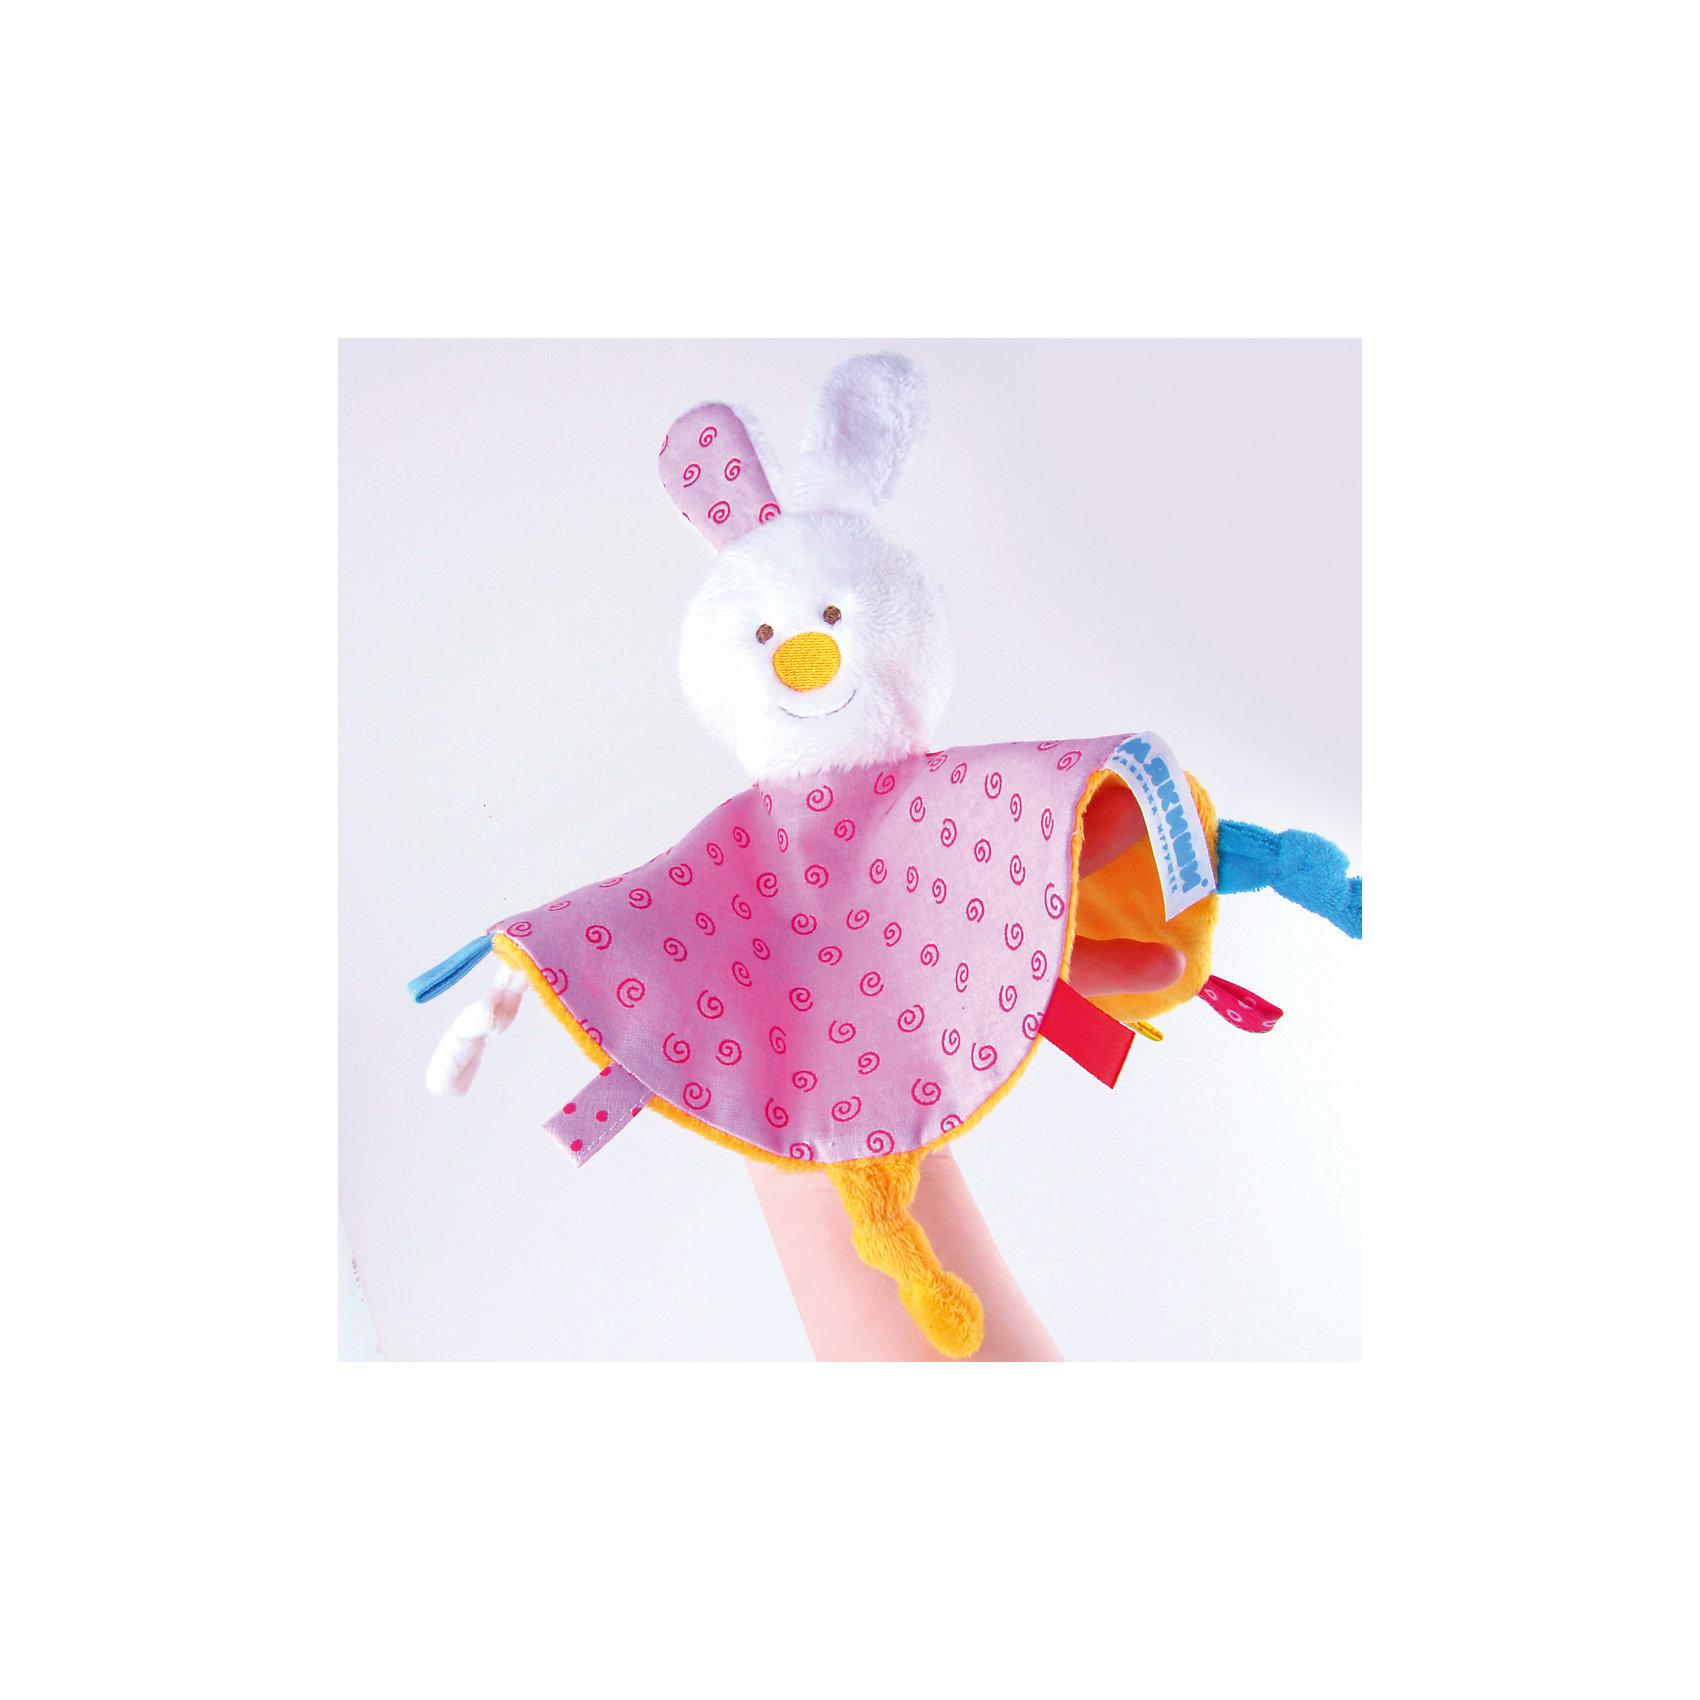 Платочек Зайка, МякишиХарактеристики товара:<br><br>• материал: разнофактурный текстиль, поролон<br>• комплектация: 1 шт<br>• размер игрушки: 35х2х39 см<br>• петельки<br>• прорезыватель<br>• развивающая игрушка<br>• упаковка: картон<br>• страна бренда: РФ<br>• страна изготовитель: РФ<br><br>Малыши активно познают мир и тянутся к новой информации. Чтобы сделать процесс изучения окружающего пространства интереснее, ребенку можно подарить развивающие игрушки. В процессе игры информация усваивается намного лучше!<br>Такие игрушки помогут занять малыша, играть ими приятно и весело. Одновременно они позволят познакомиться со многими цветами, фактурами, а также научиться завязывать петли. Подобные игрушки развивают тактильные ощущения, моторику, цветовосприятие, логику, воображение, учат фокусировать внимание. Каждое изделие абсолютно безопасно – оно создано из качественной ткани с мягким наполнителем. Игрушки производятся из качественных и проверенных материалов, которые безопасны для детей.<br><br>Платочек Зайка от бренда Мякиши можно купить в нашем интернет-магазине.<br><br>Ширина мм: 210<br>Глубина мм: 20<br>Высота мм: 210<br>Вес г: 140<br>Возраст от месяцев: 12<br>Возраст до месяцев: 36<br>Пол: Женский<br>Возраст: Детский<br>SKU: 5183219